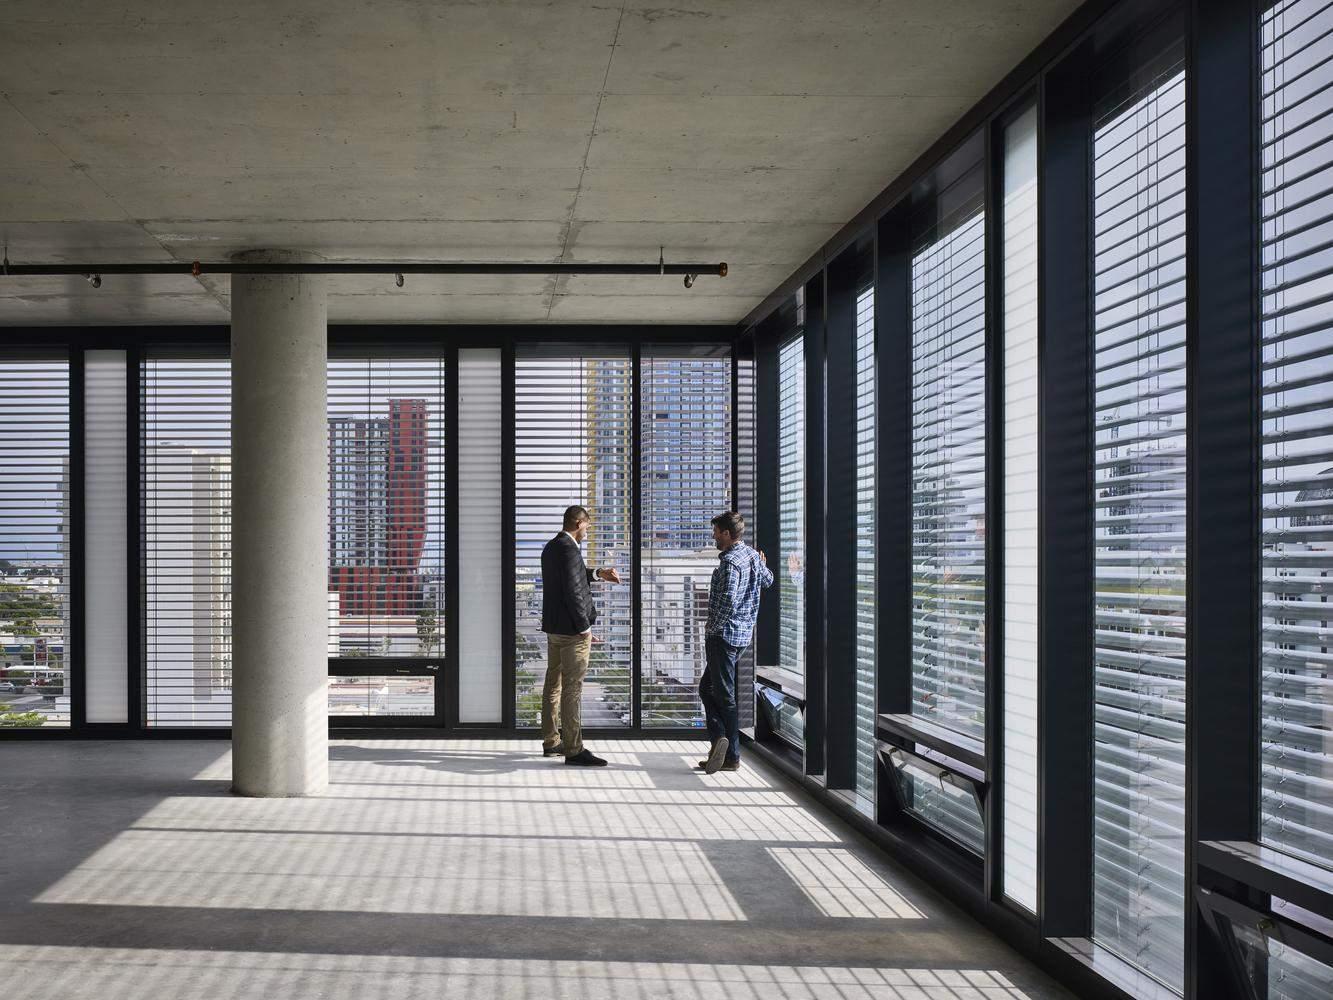 Будівлю спроєктували так, аби якомога більше світла потрапляло всередину / Фото Archdaily